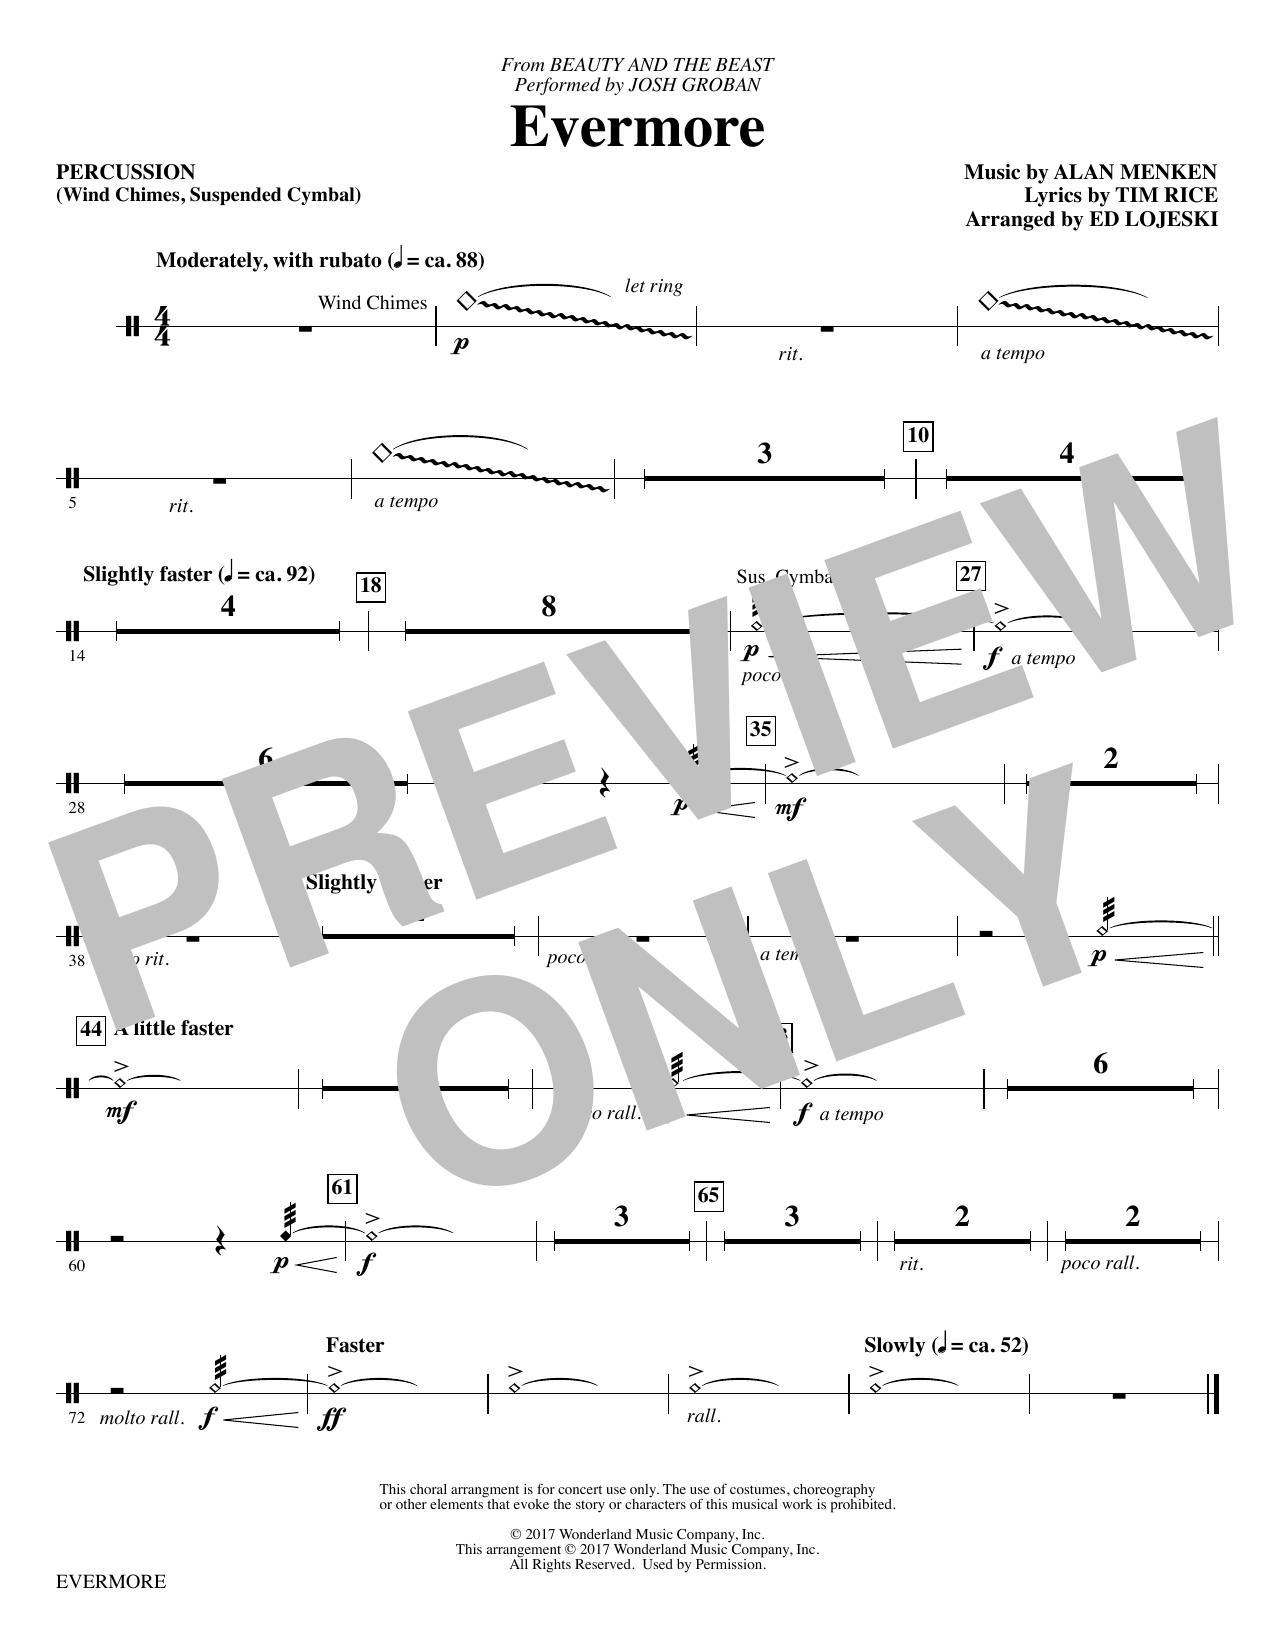 Josh Groban - Evermore - Percussion